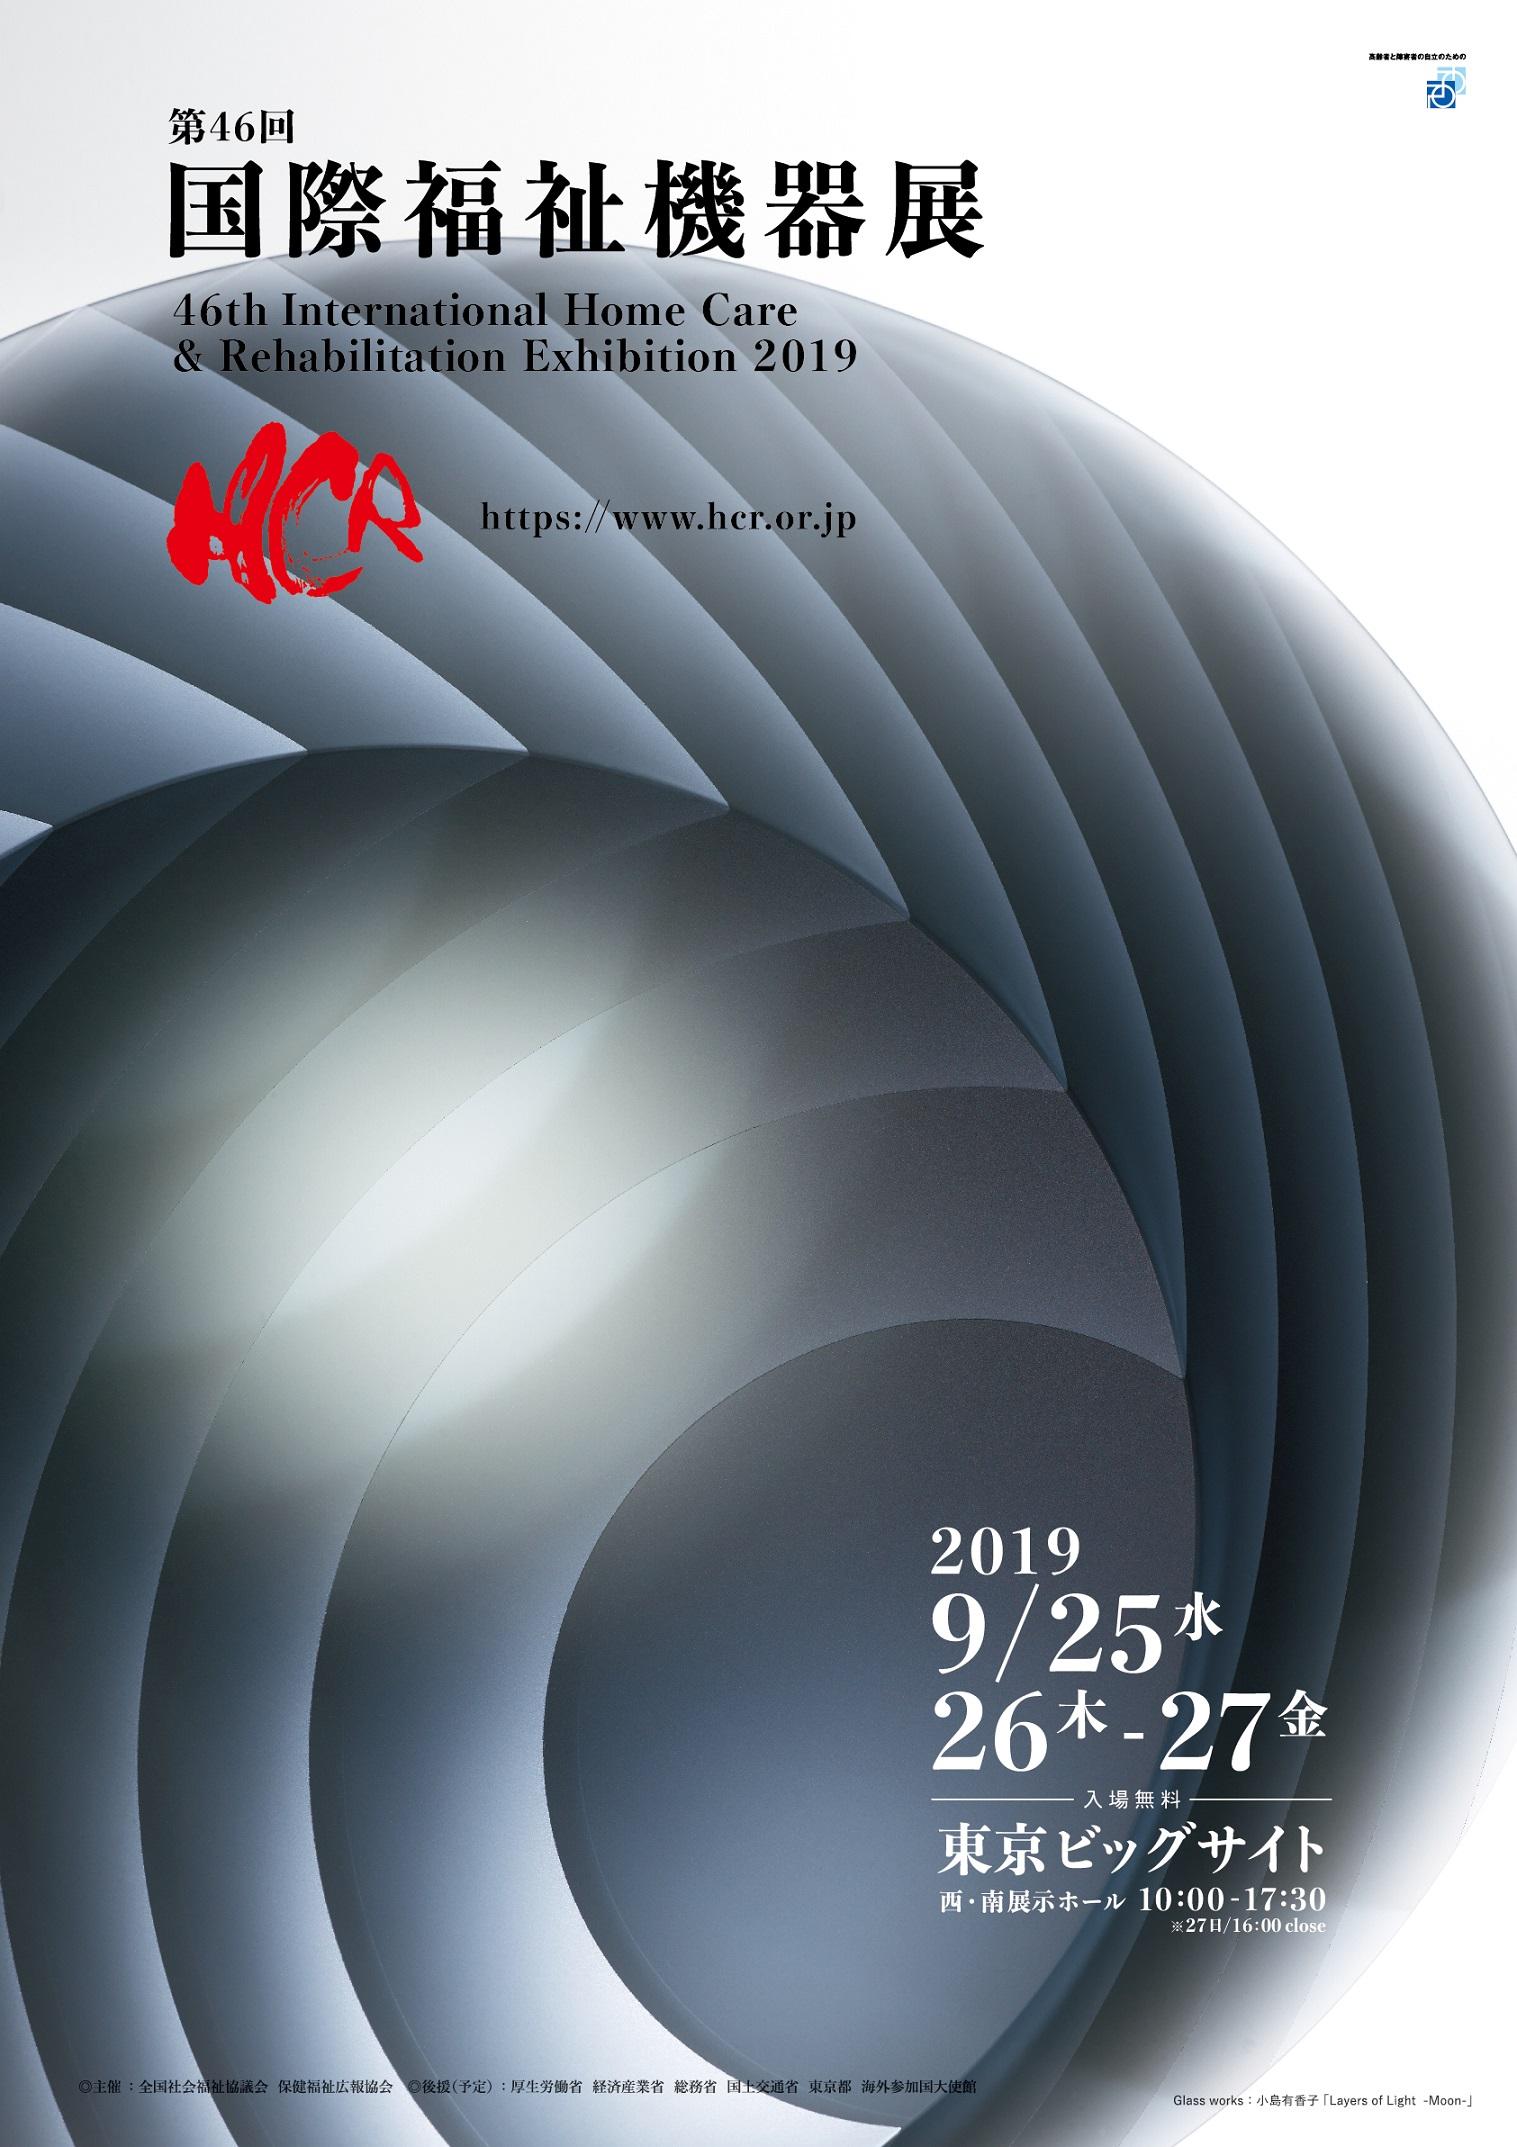 2019.09.25~27国際福祉機器展